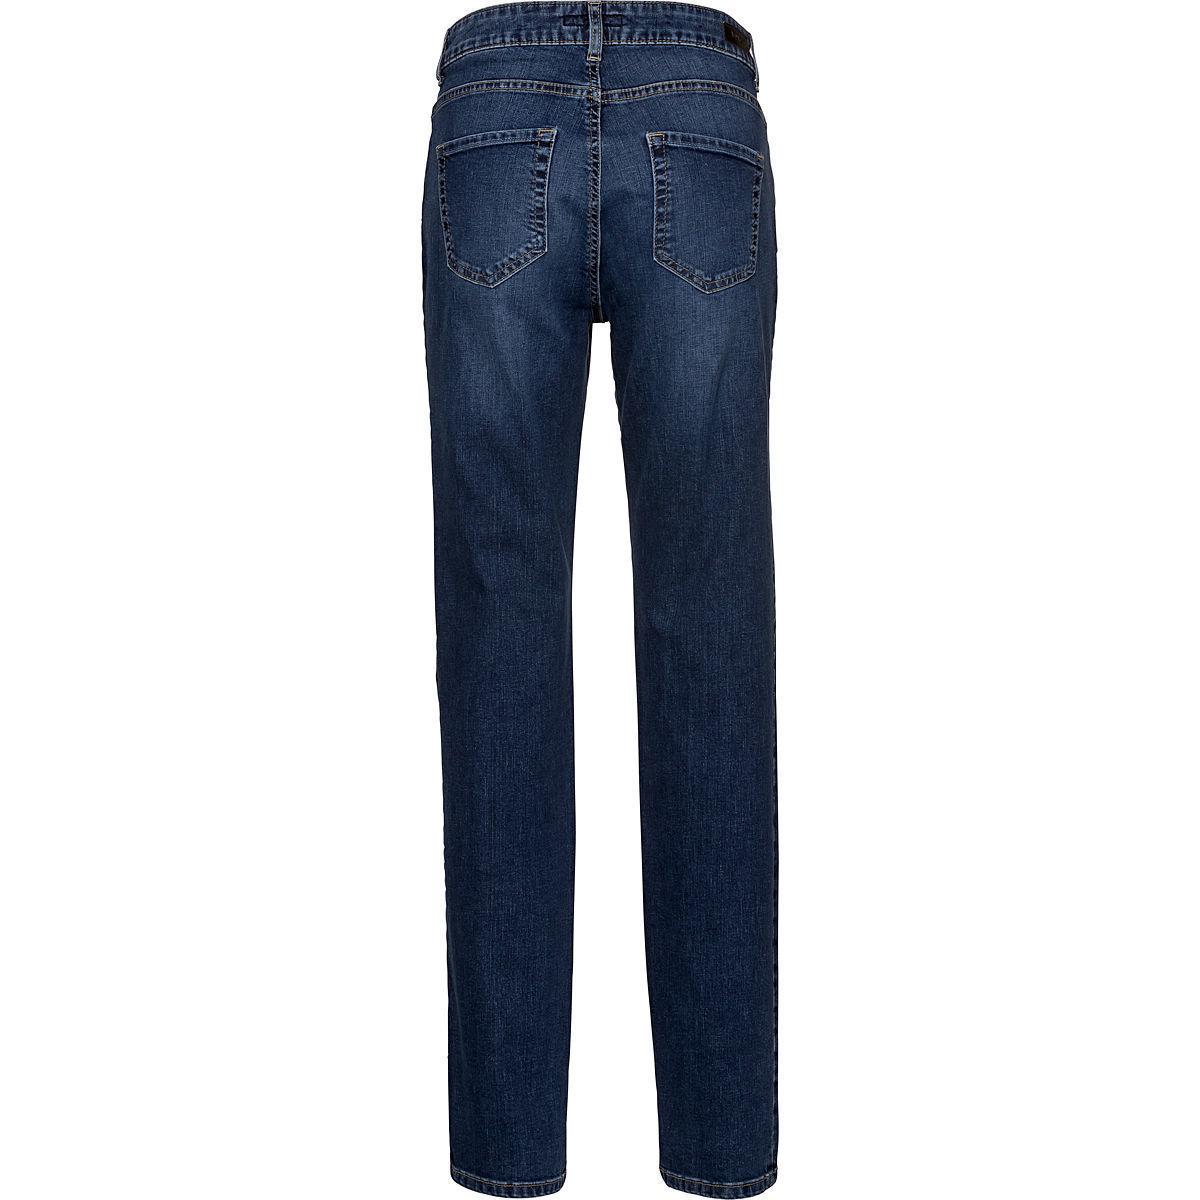 Bild 2 von Adagio Damen Jeans Hella